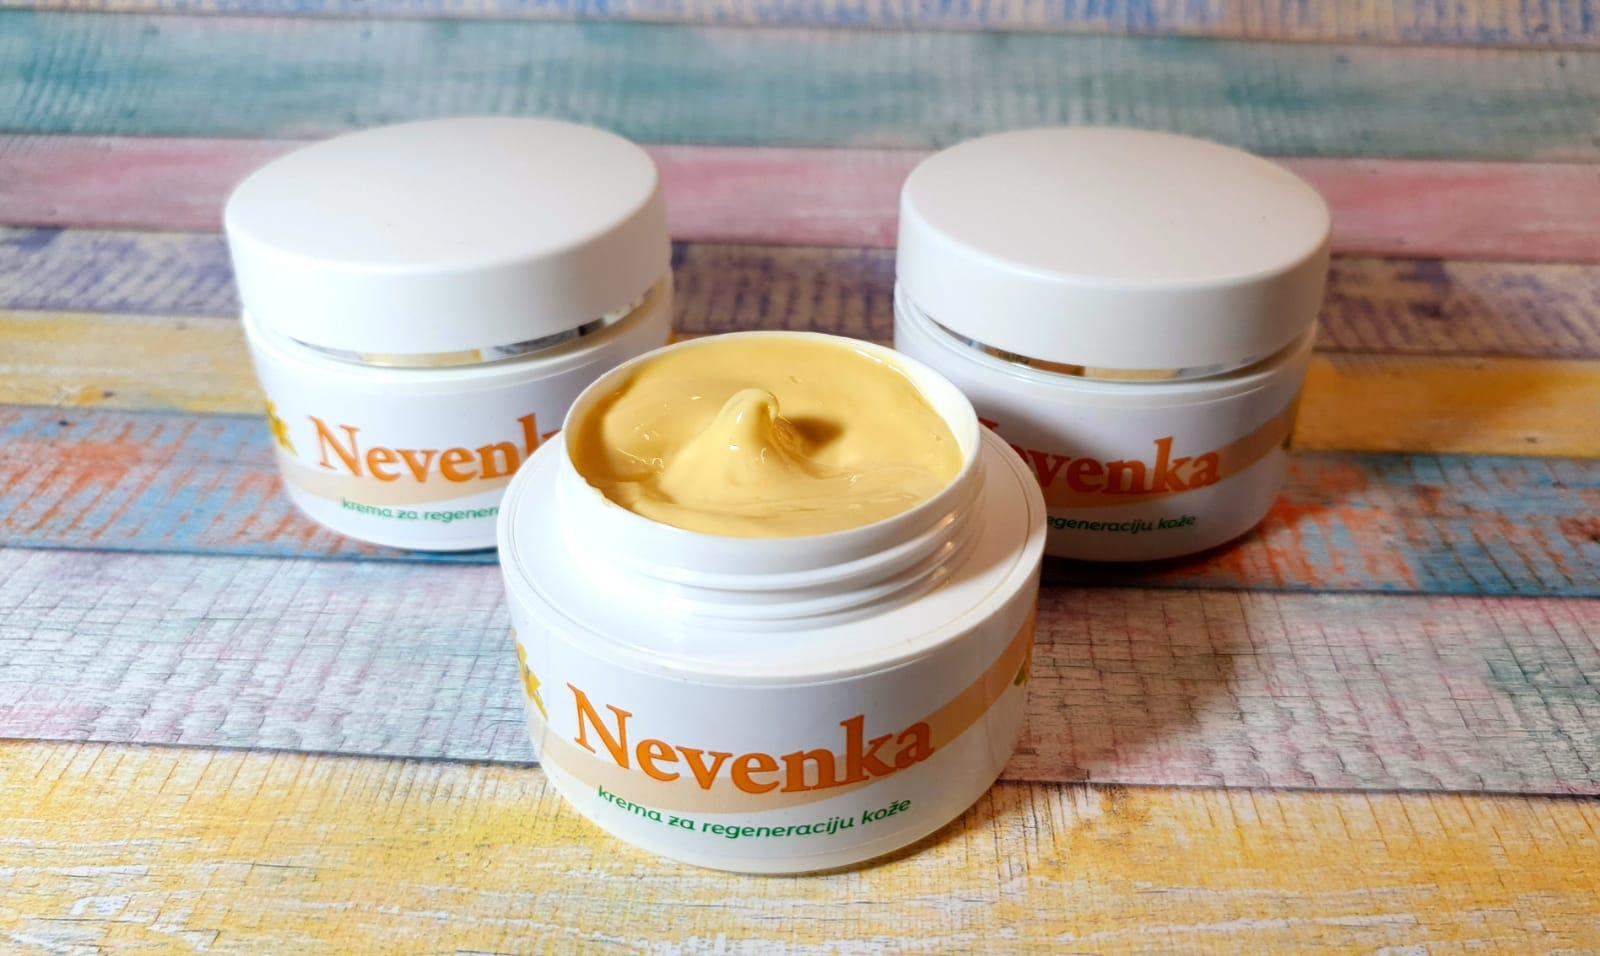 Nevenka - krema za regeneraciju kože